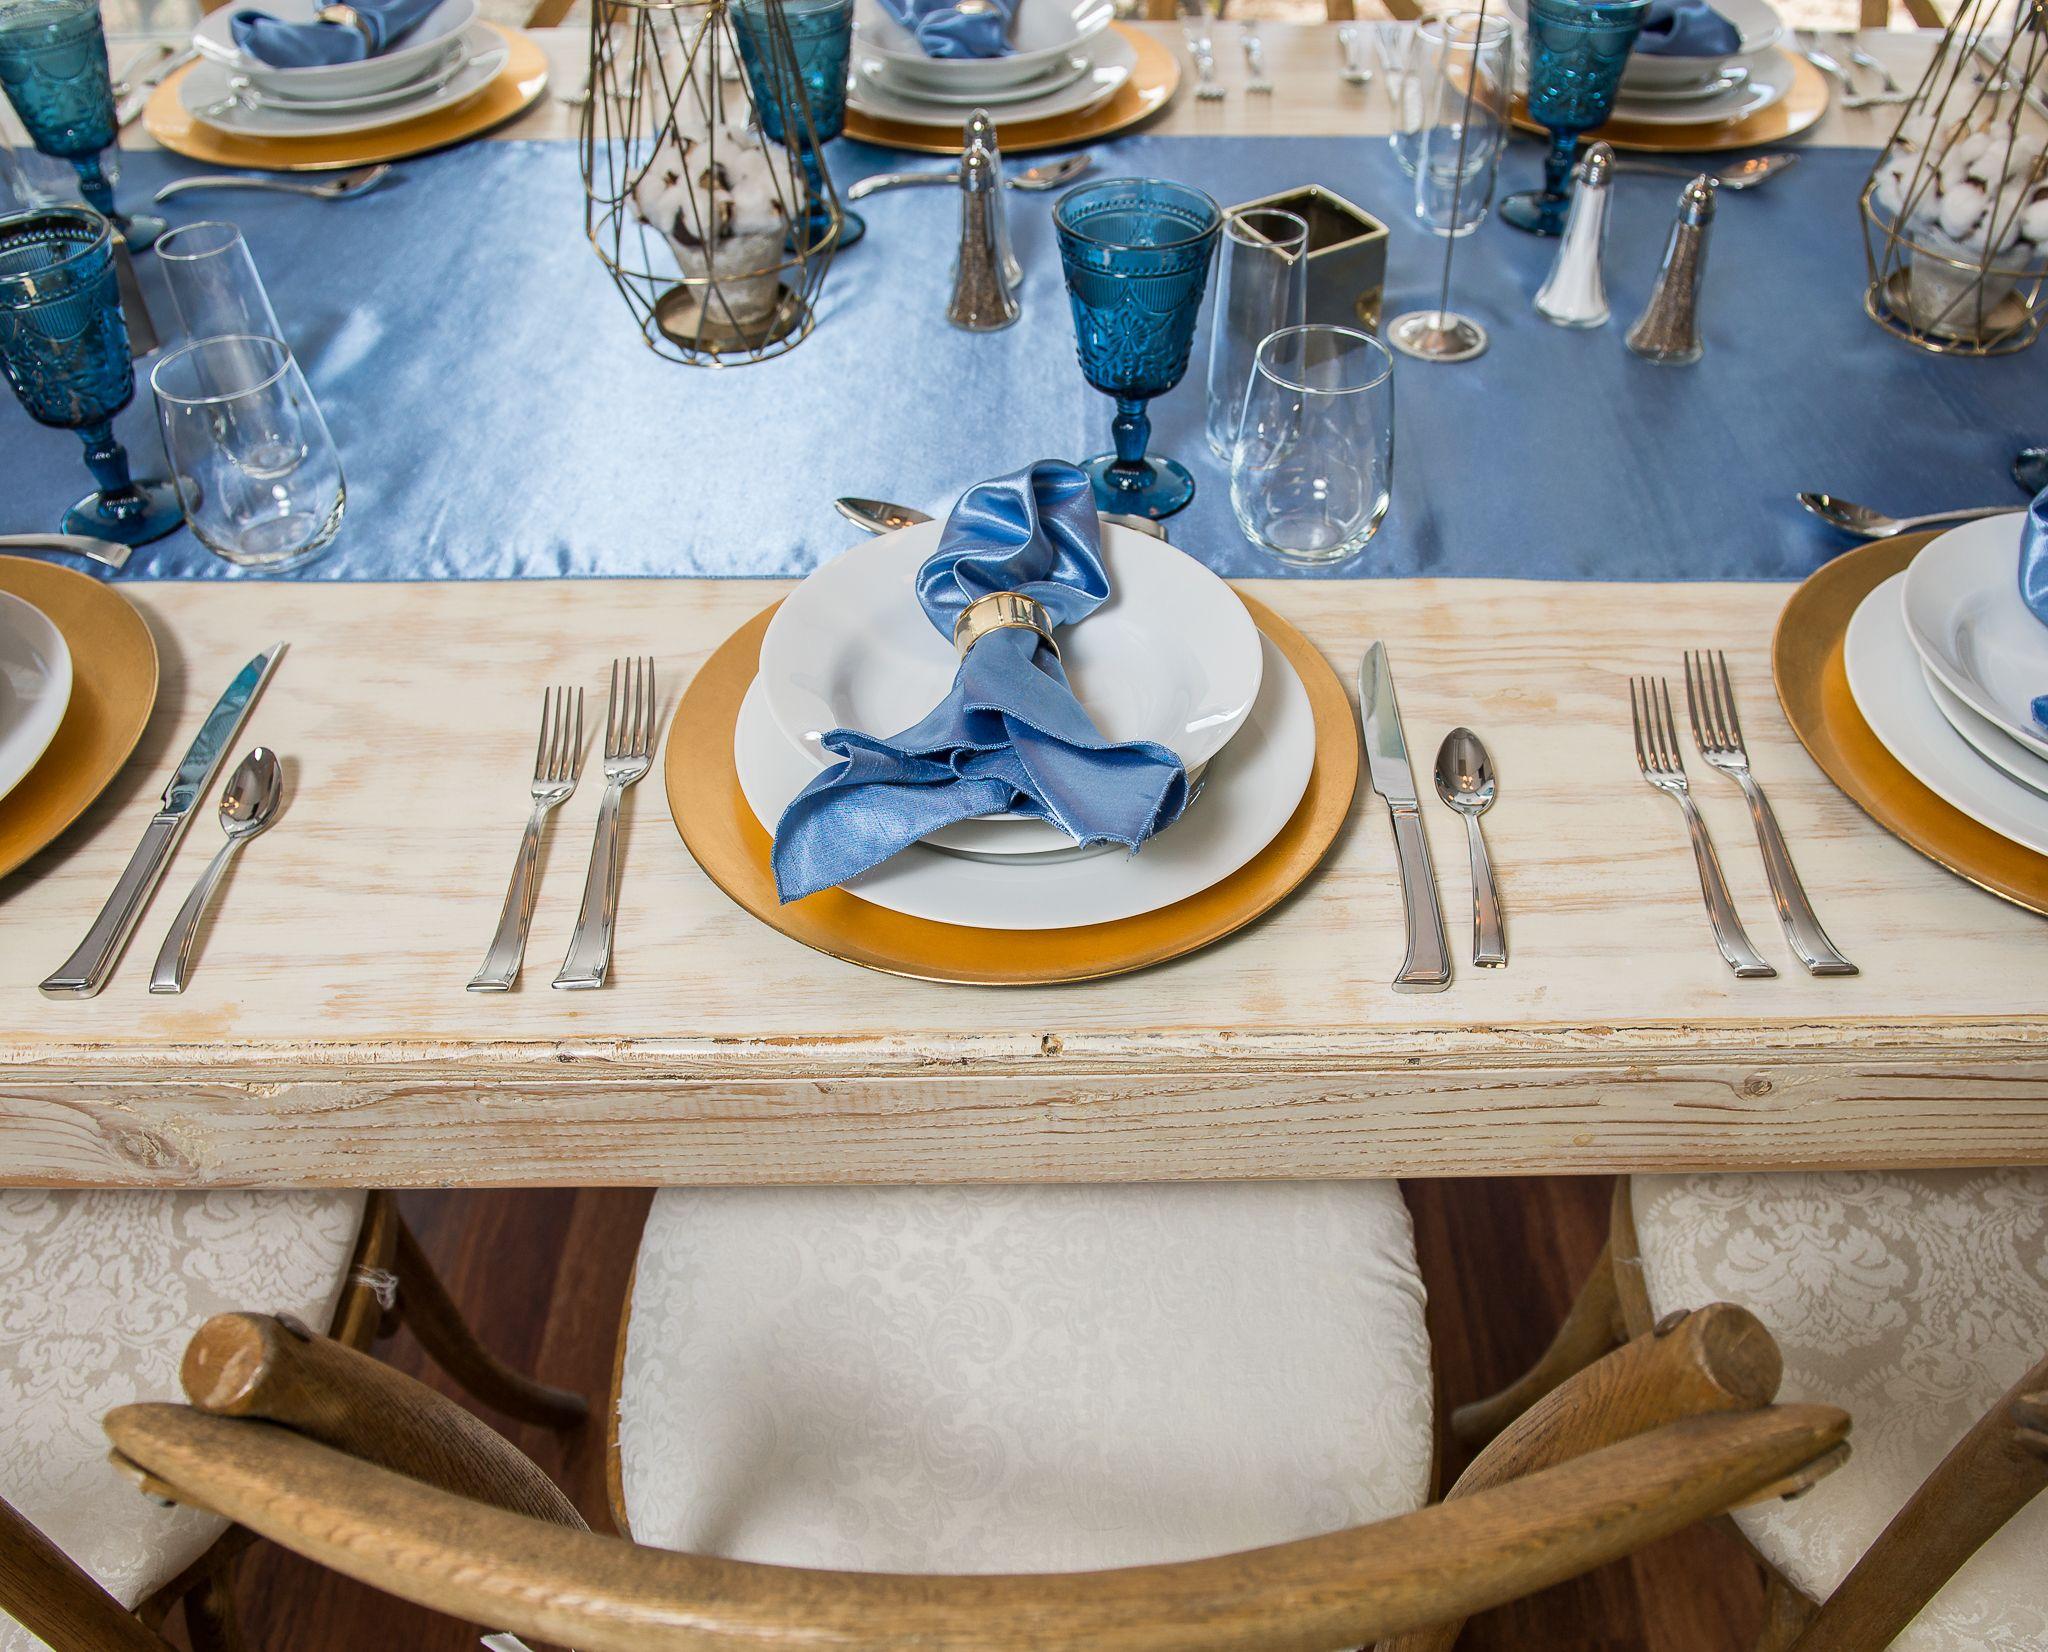 Cornflower Blue Shantung Reversible Wholesale Linens